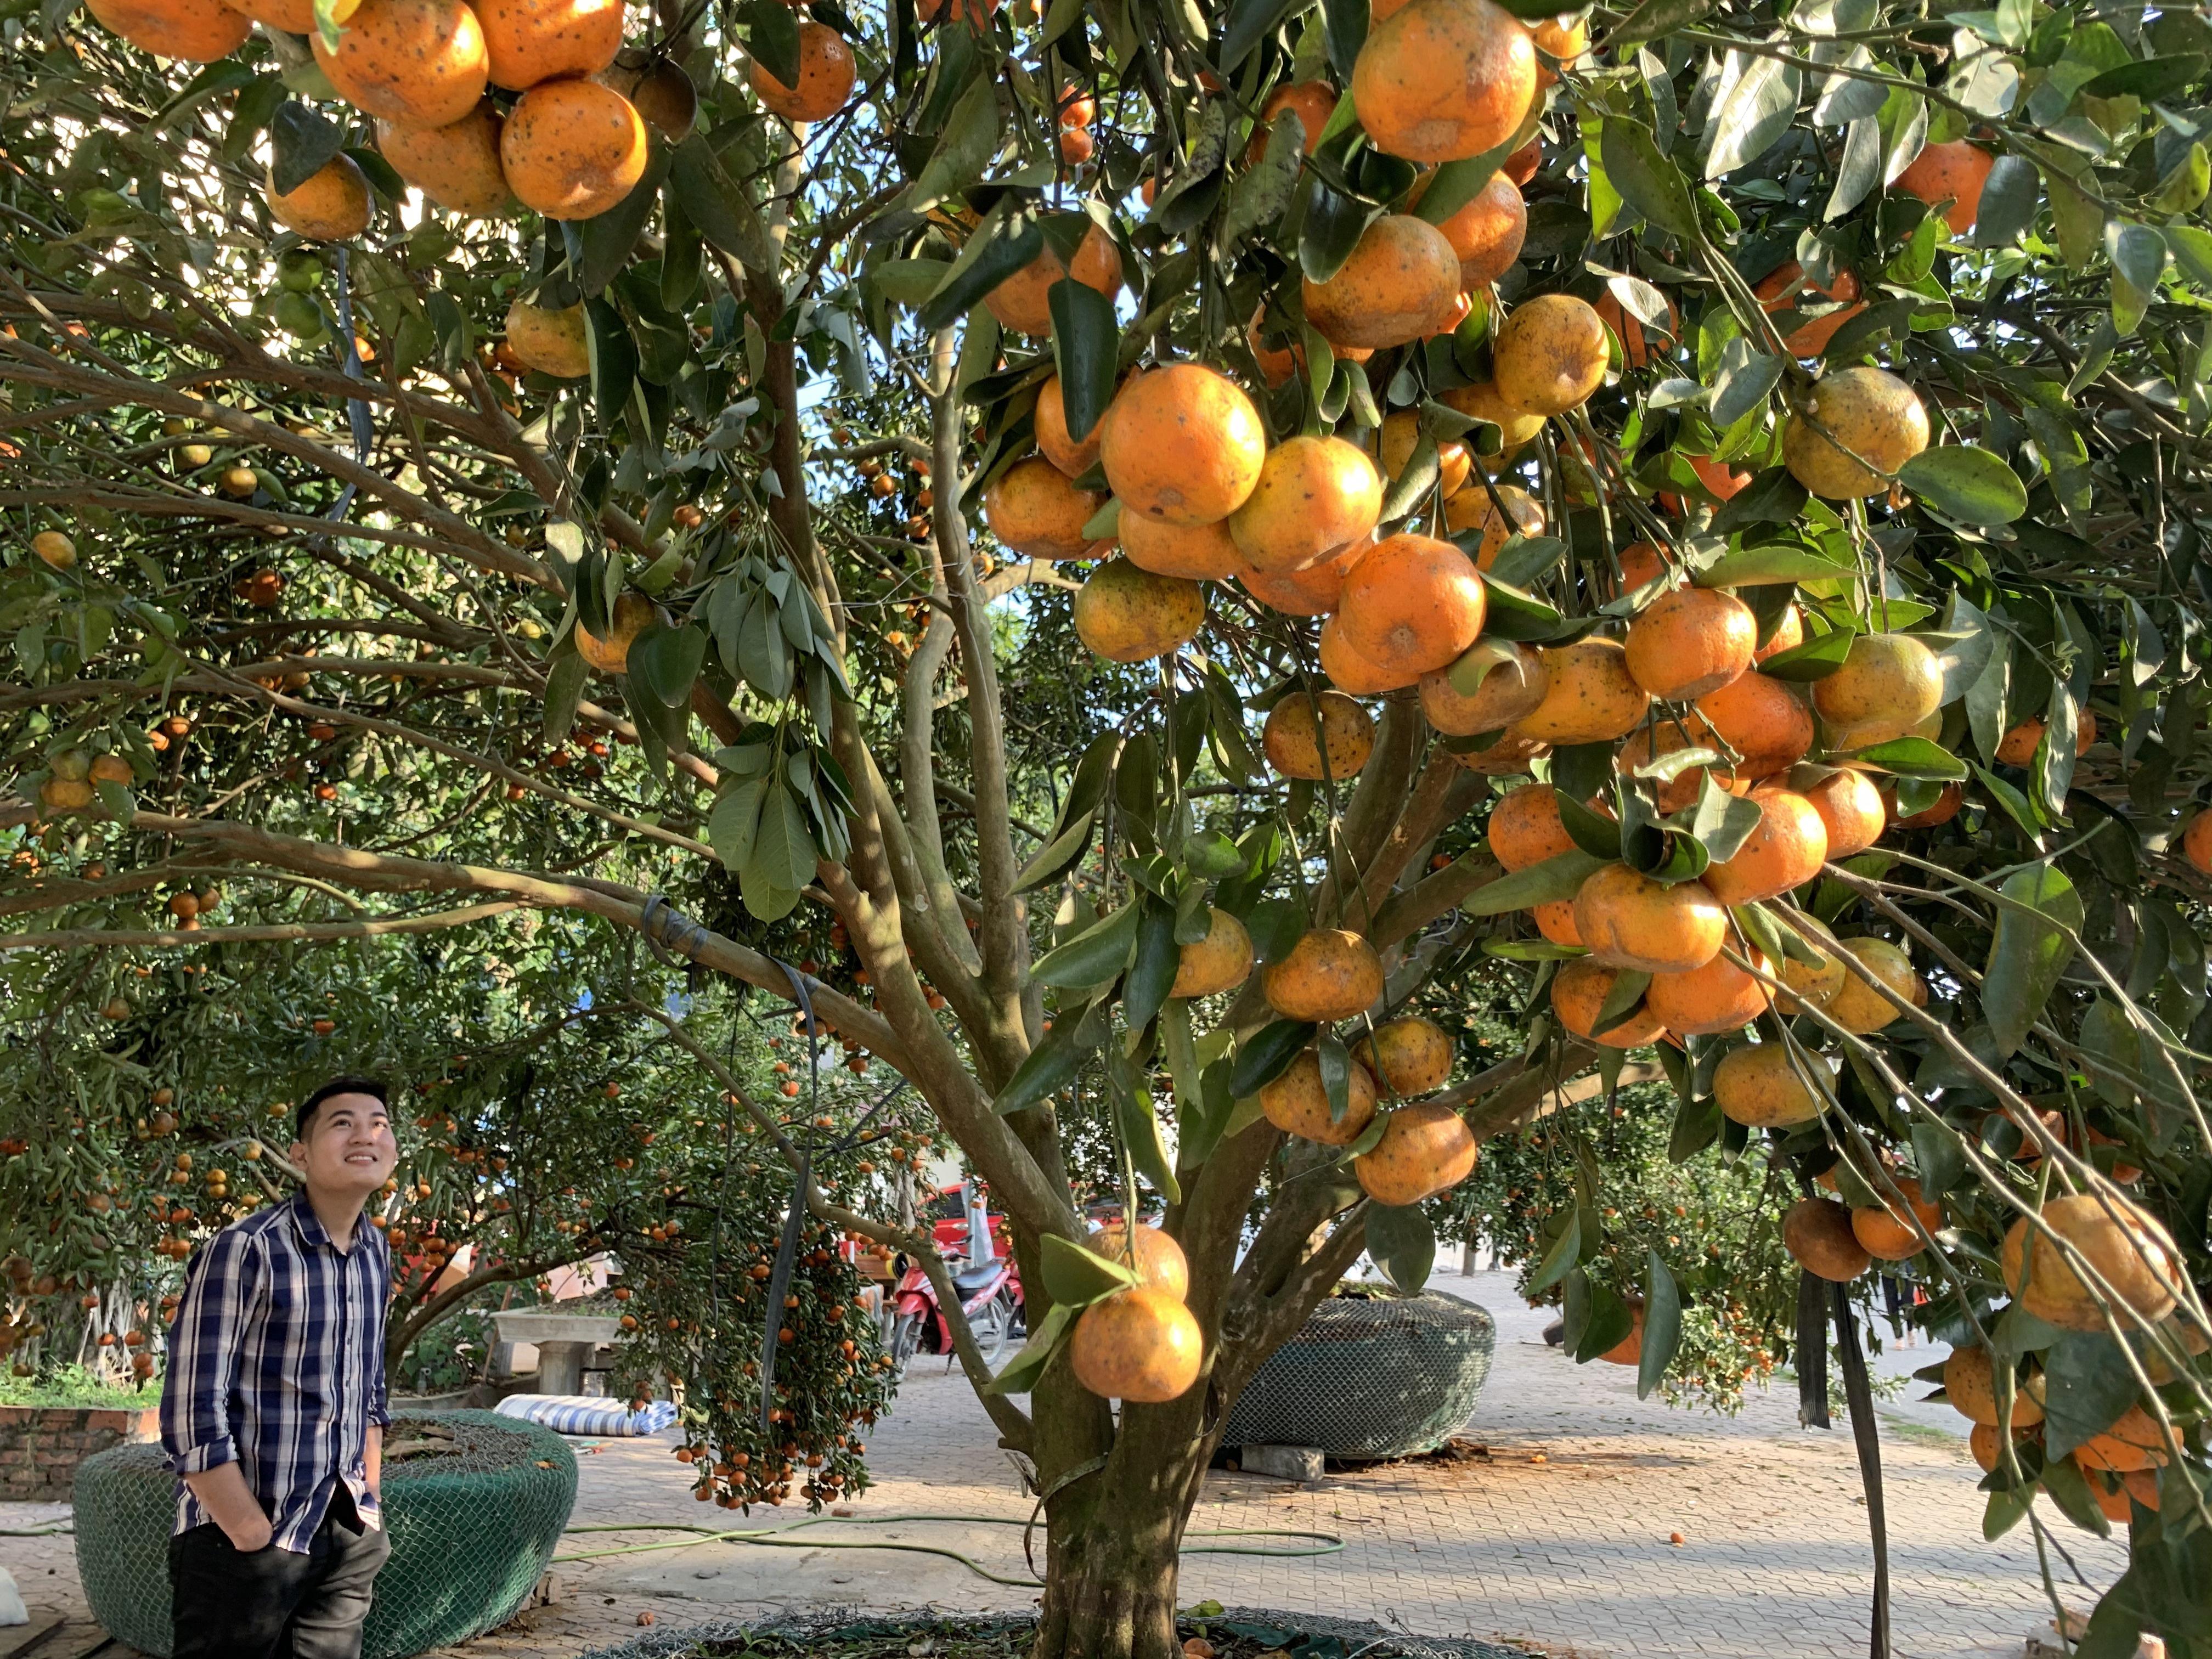 Chiêm ngưỡng cây quýt cổ thụ chưng Tết được đào từ rừng về có giá 100 triệu đồng - Ảnh 13.